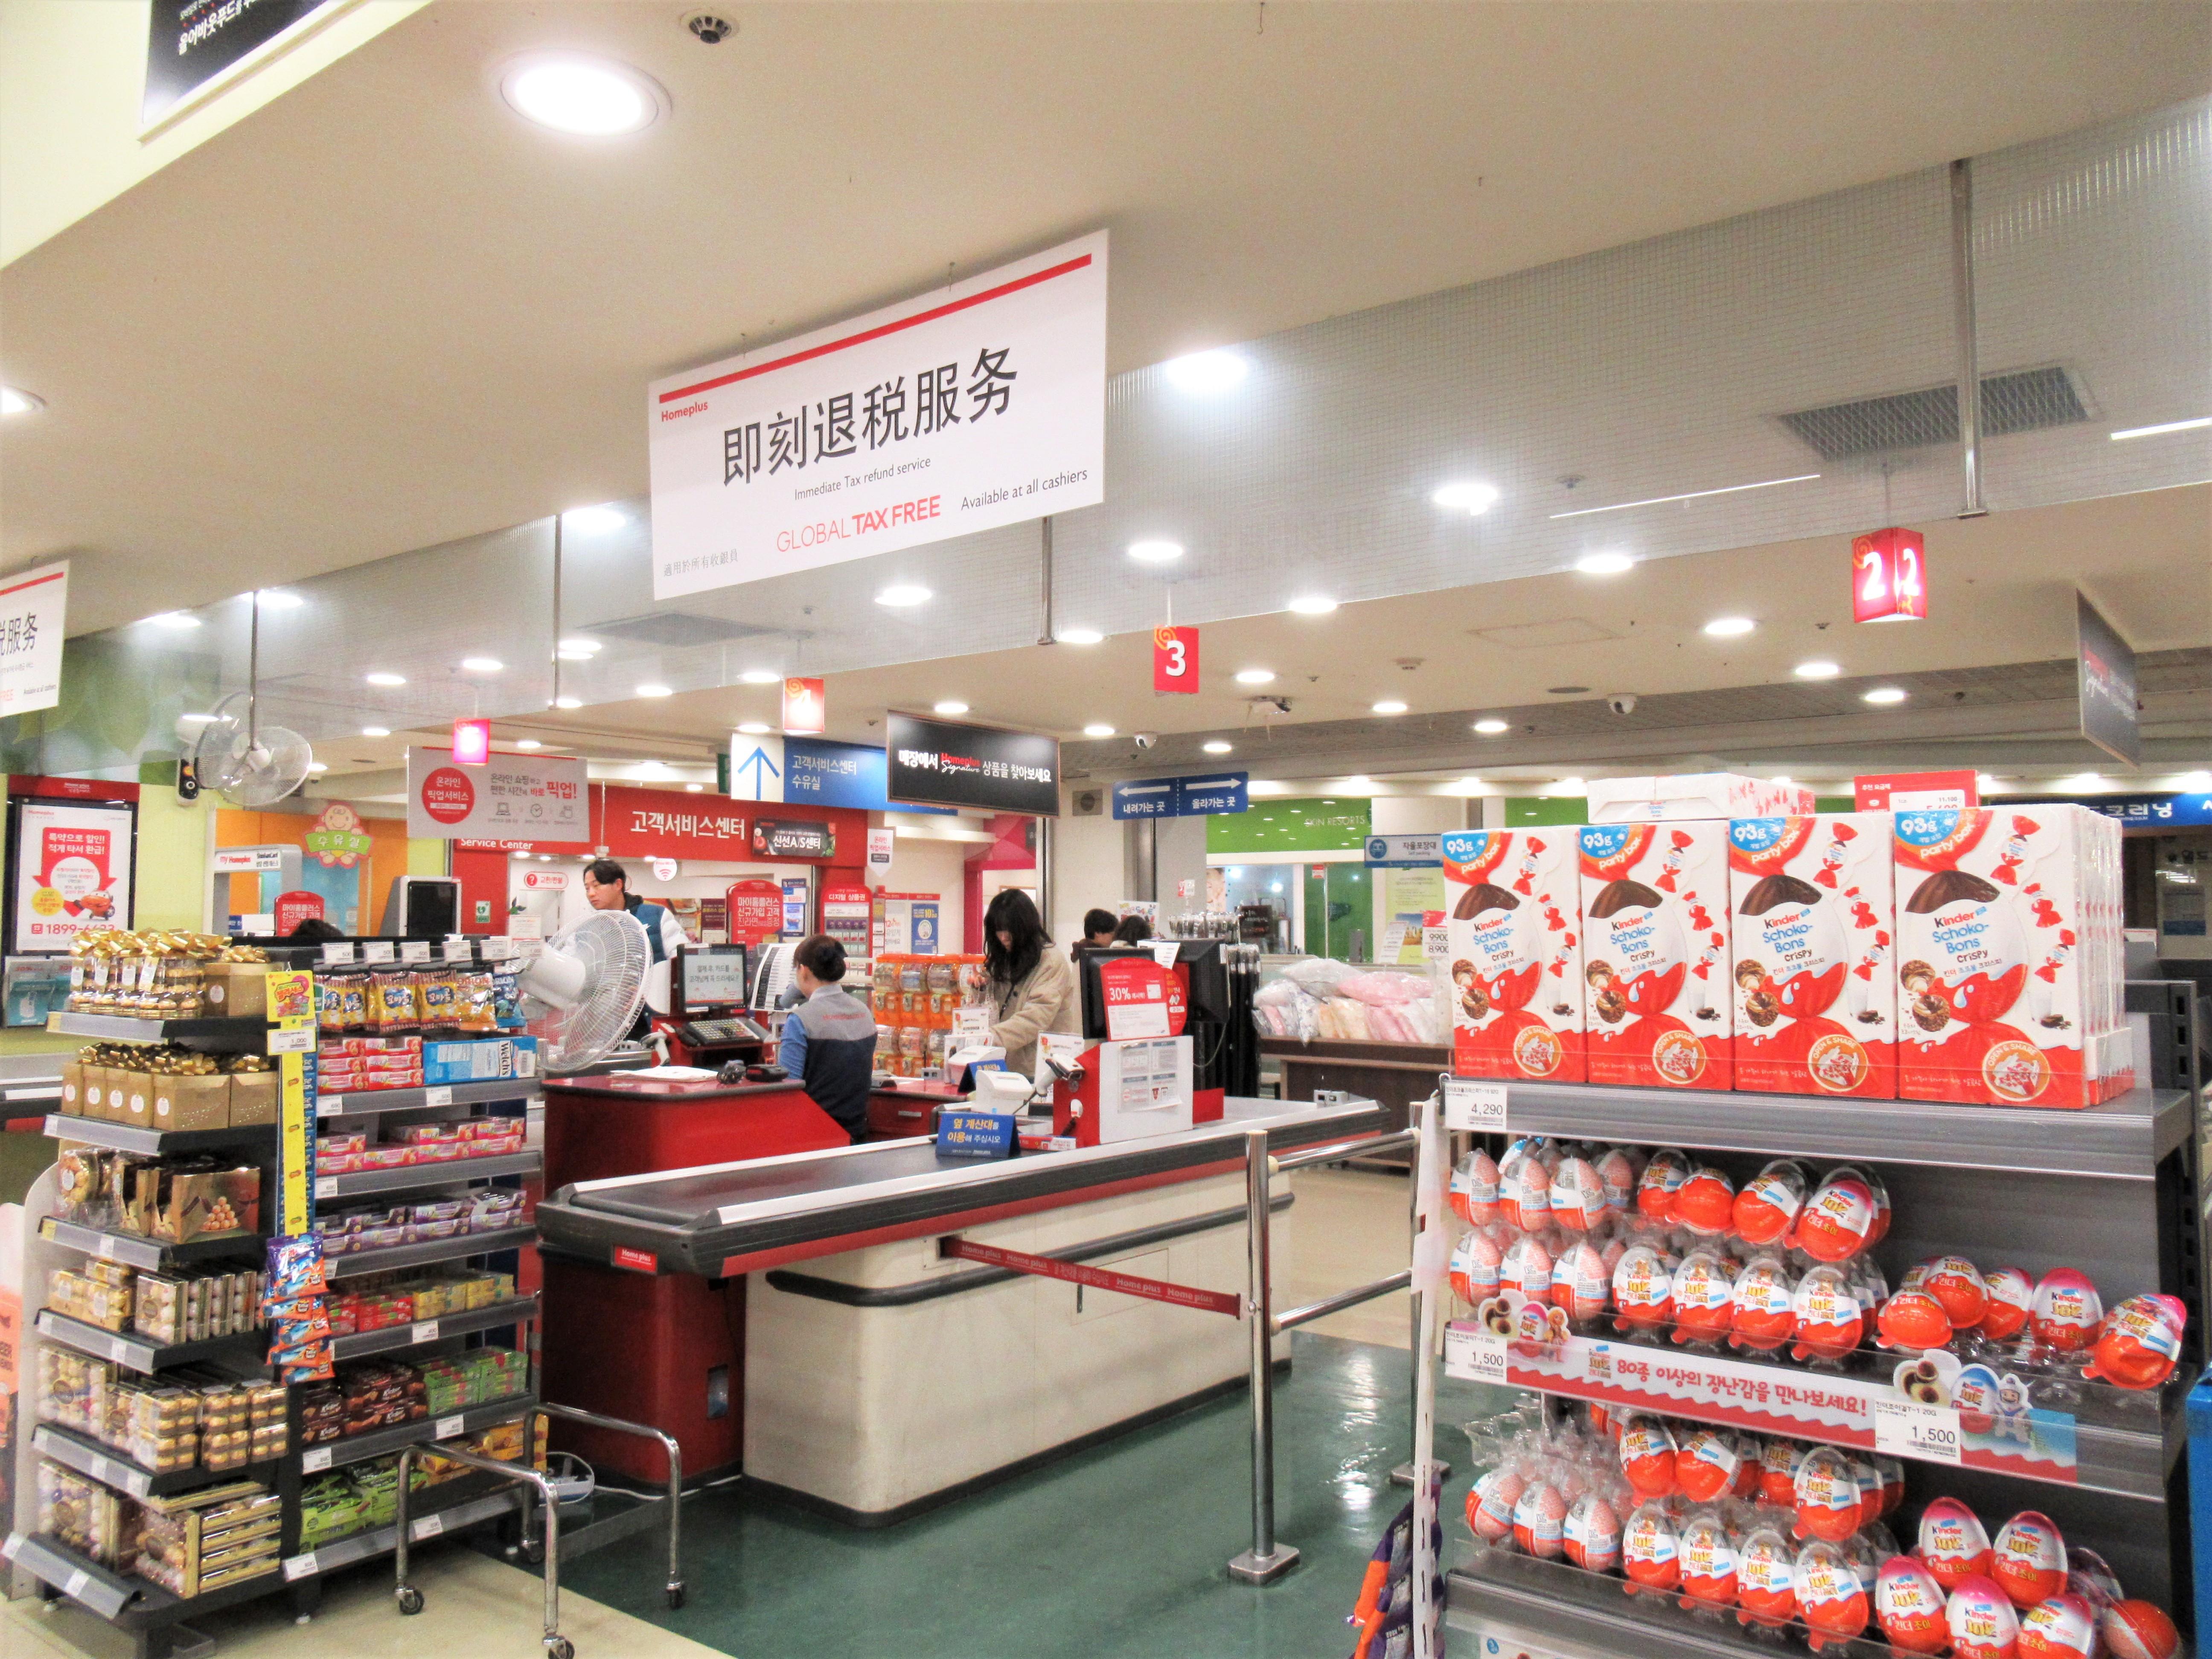 西面「ホームプラス」の行き方と帰り方のオススメは?店内の様子と購入品のレビュー|韓国ブログ旅